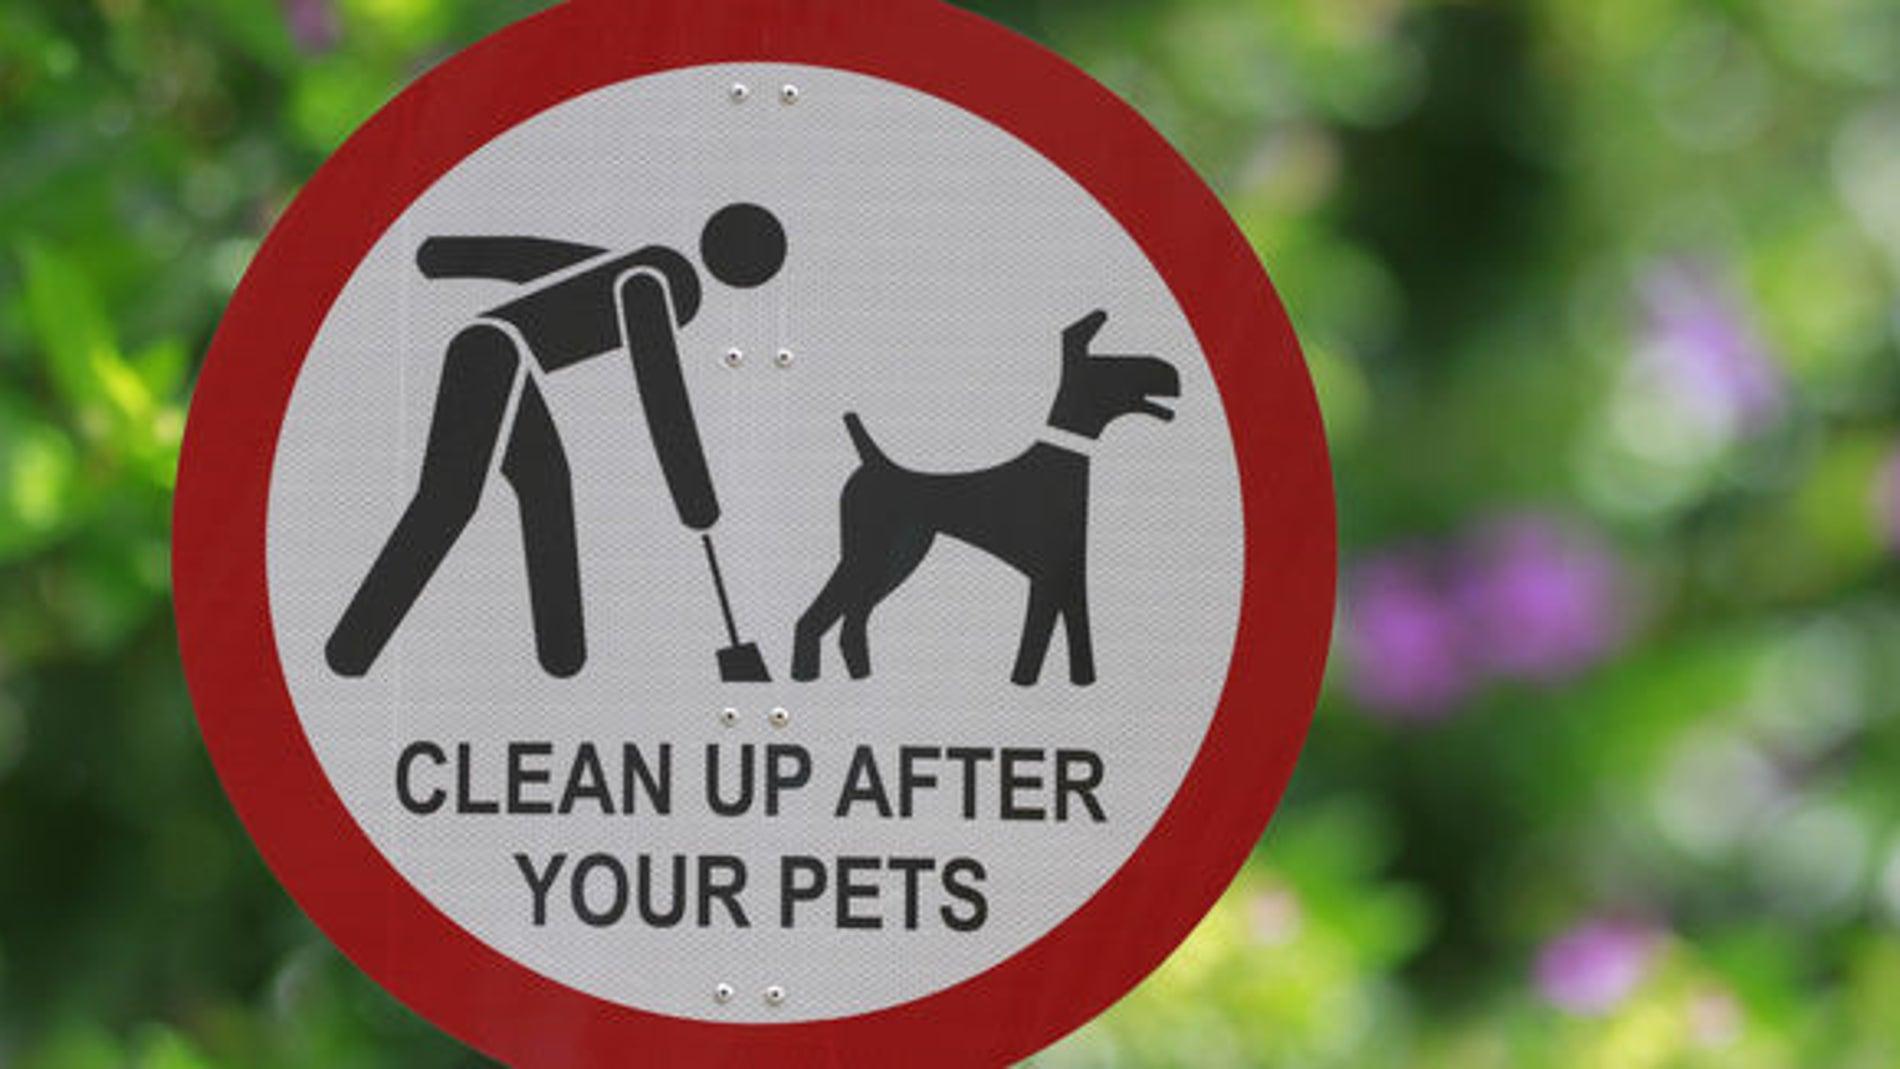 Cartel pidiendo que los dueños recojan las deposiciones de sus perros